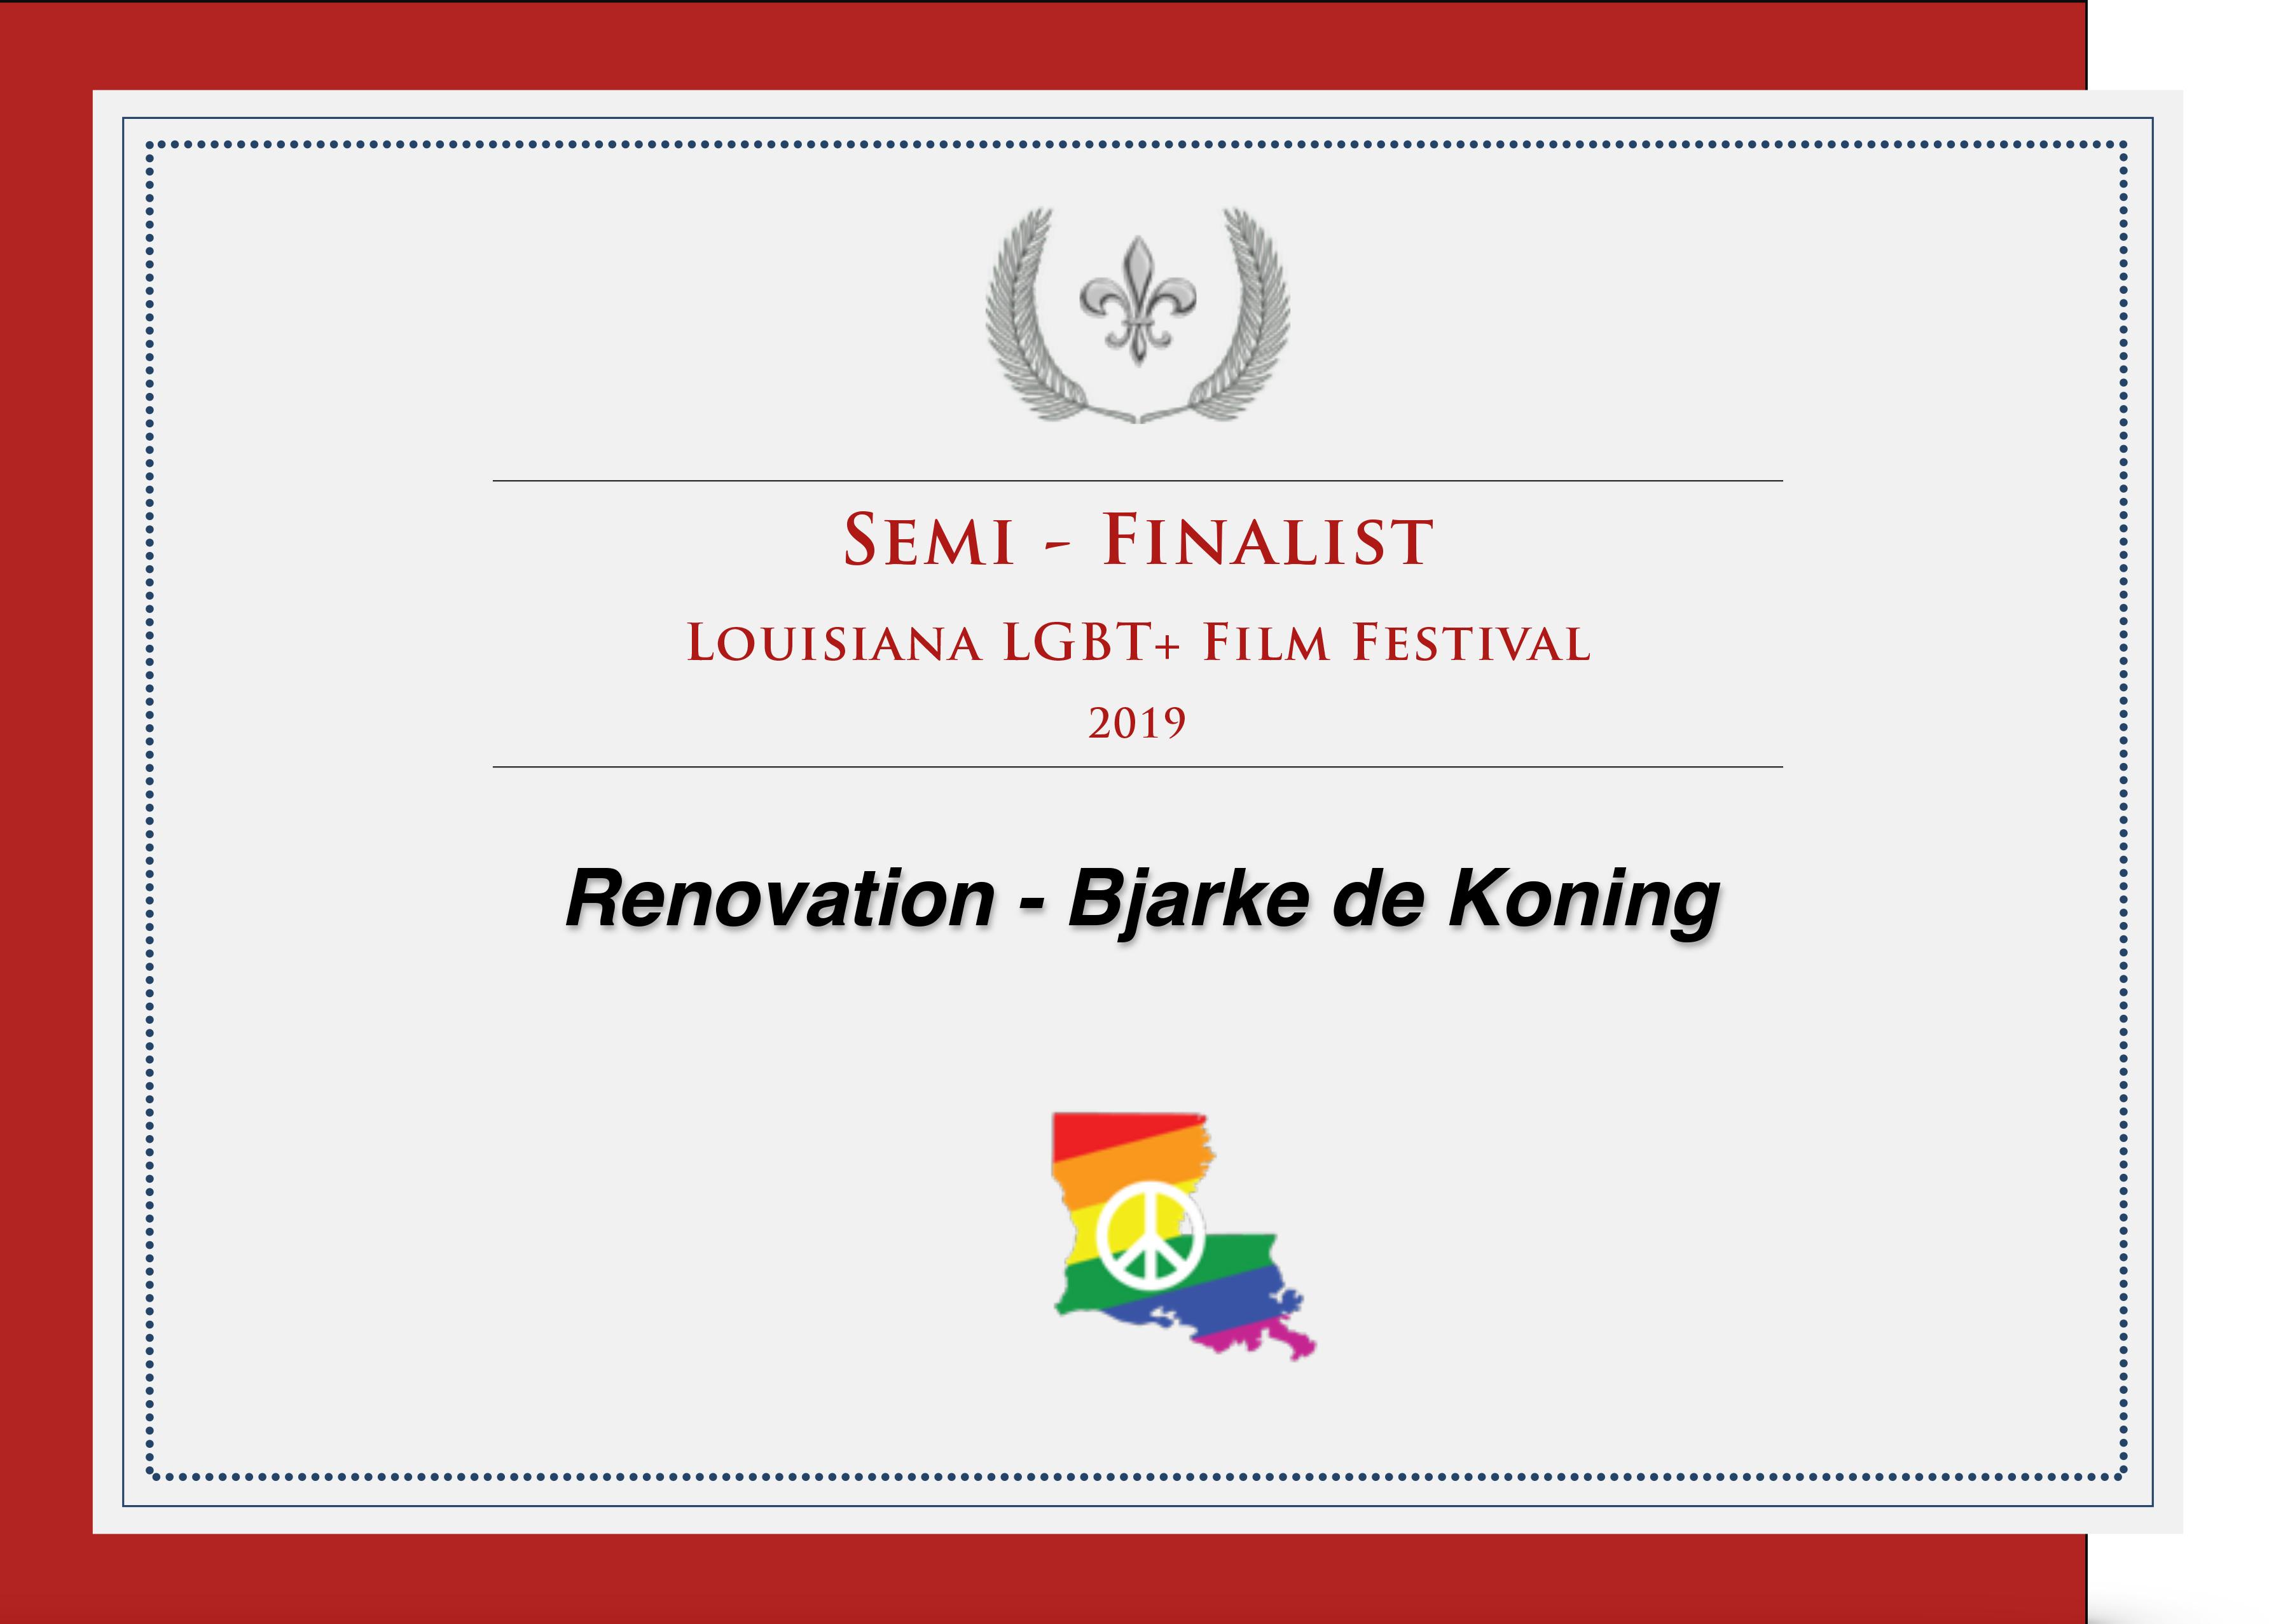 Semi Finalist at Louisiana LGBT+ Film Festival